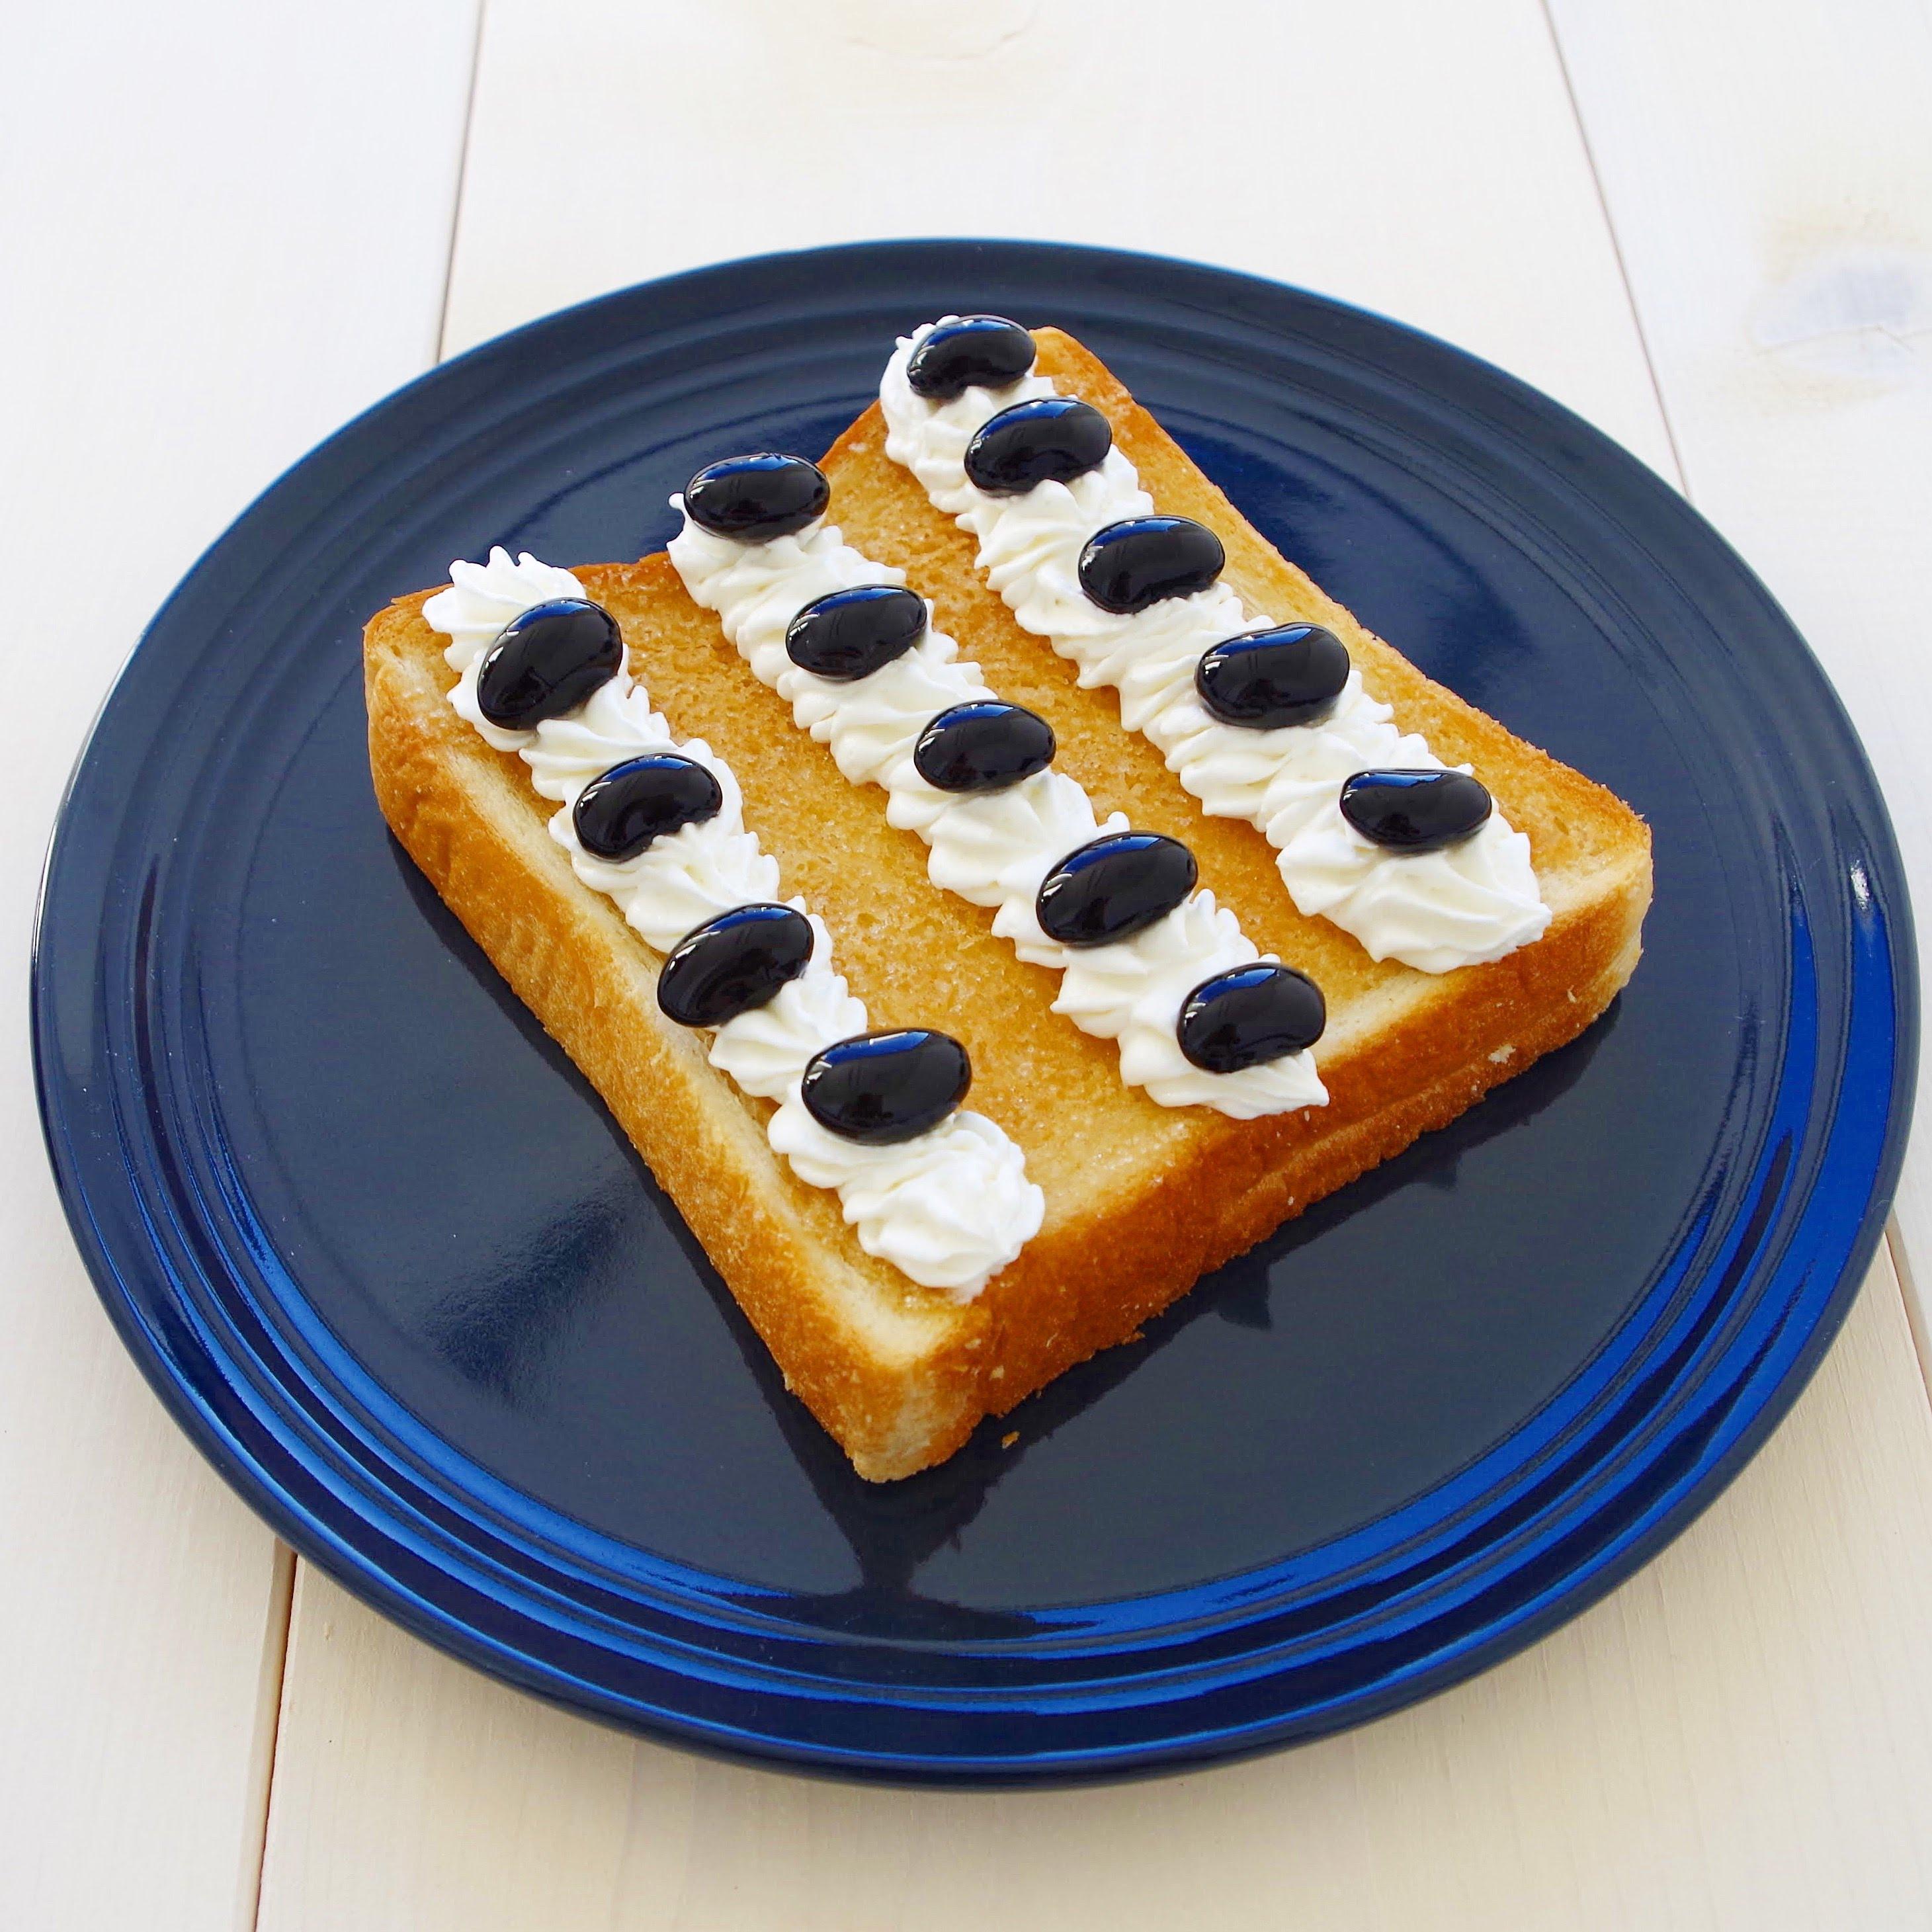 見た目もかわいい!黒豆トースト